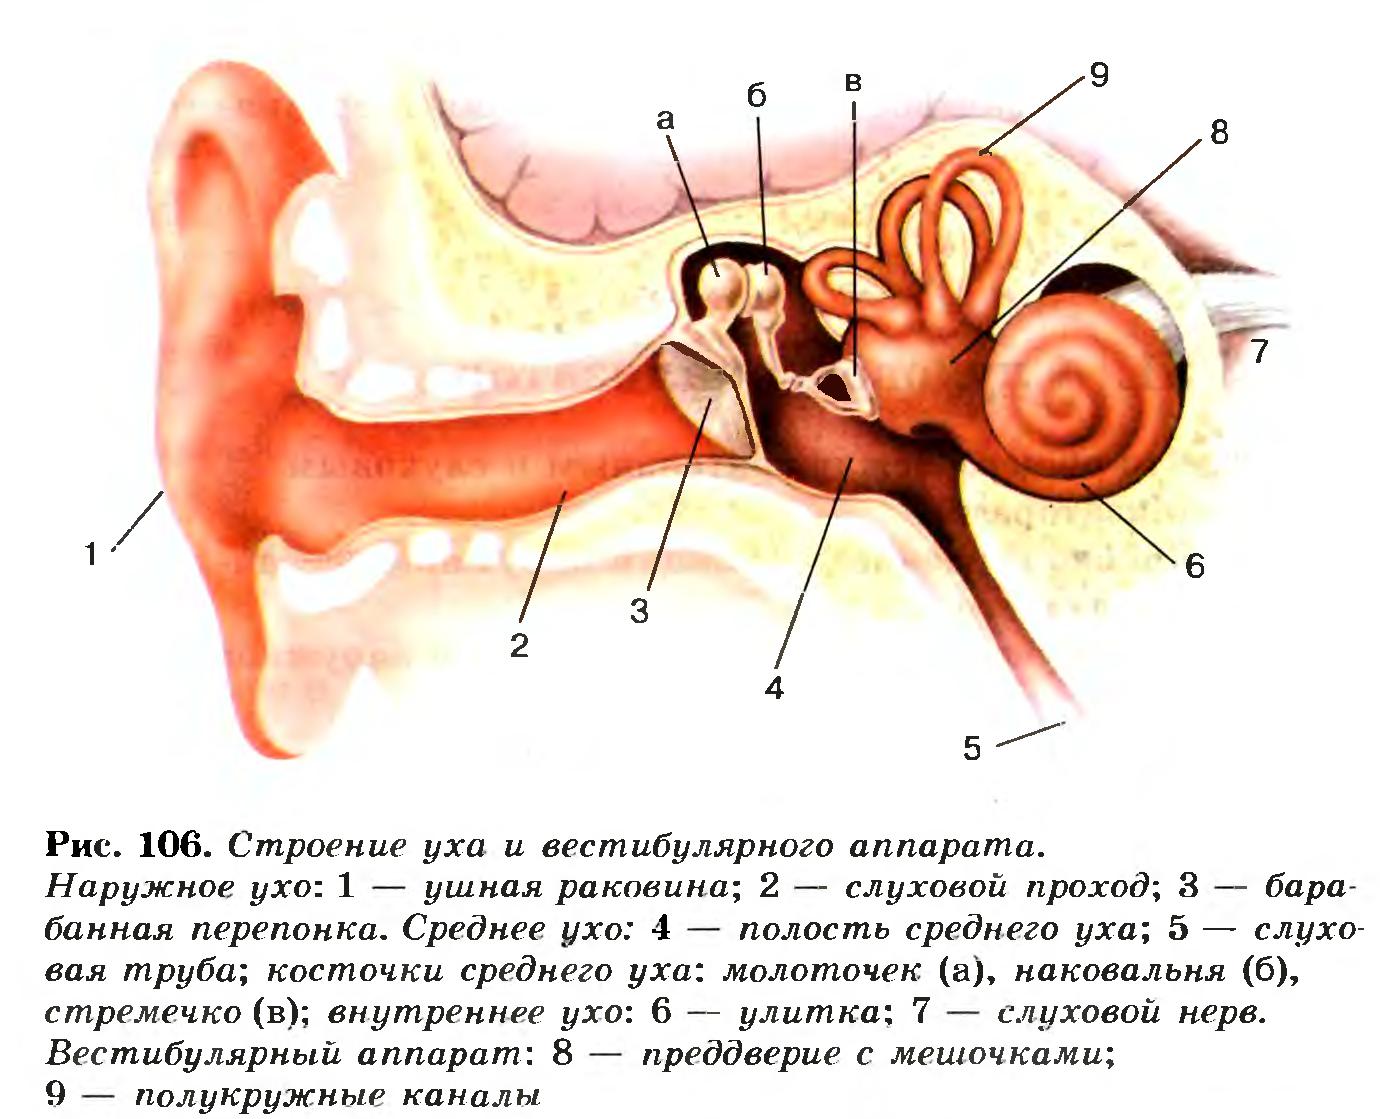 Рисунок уха с подписями